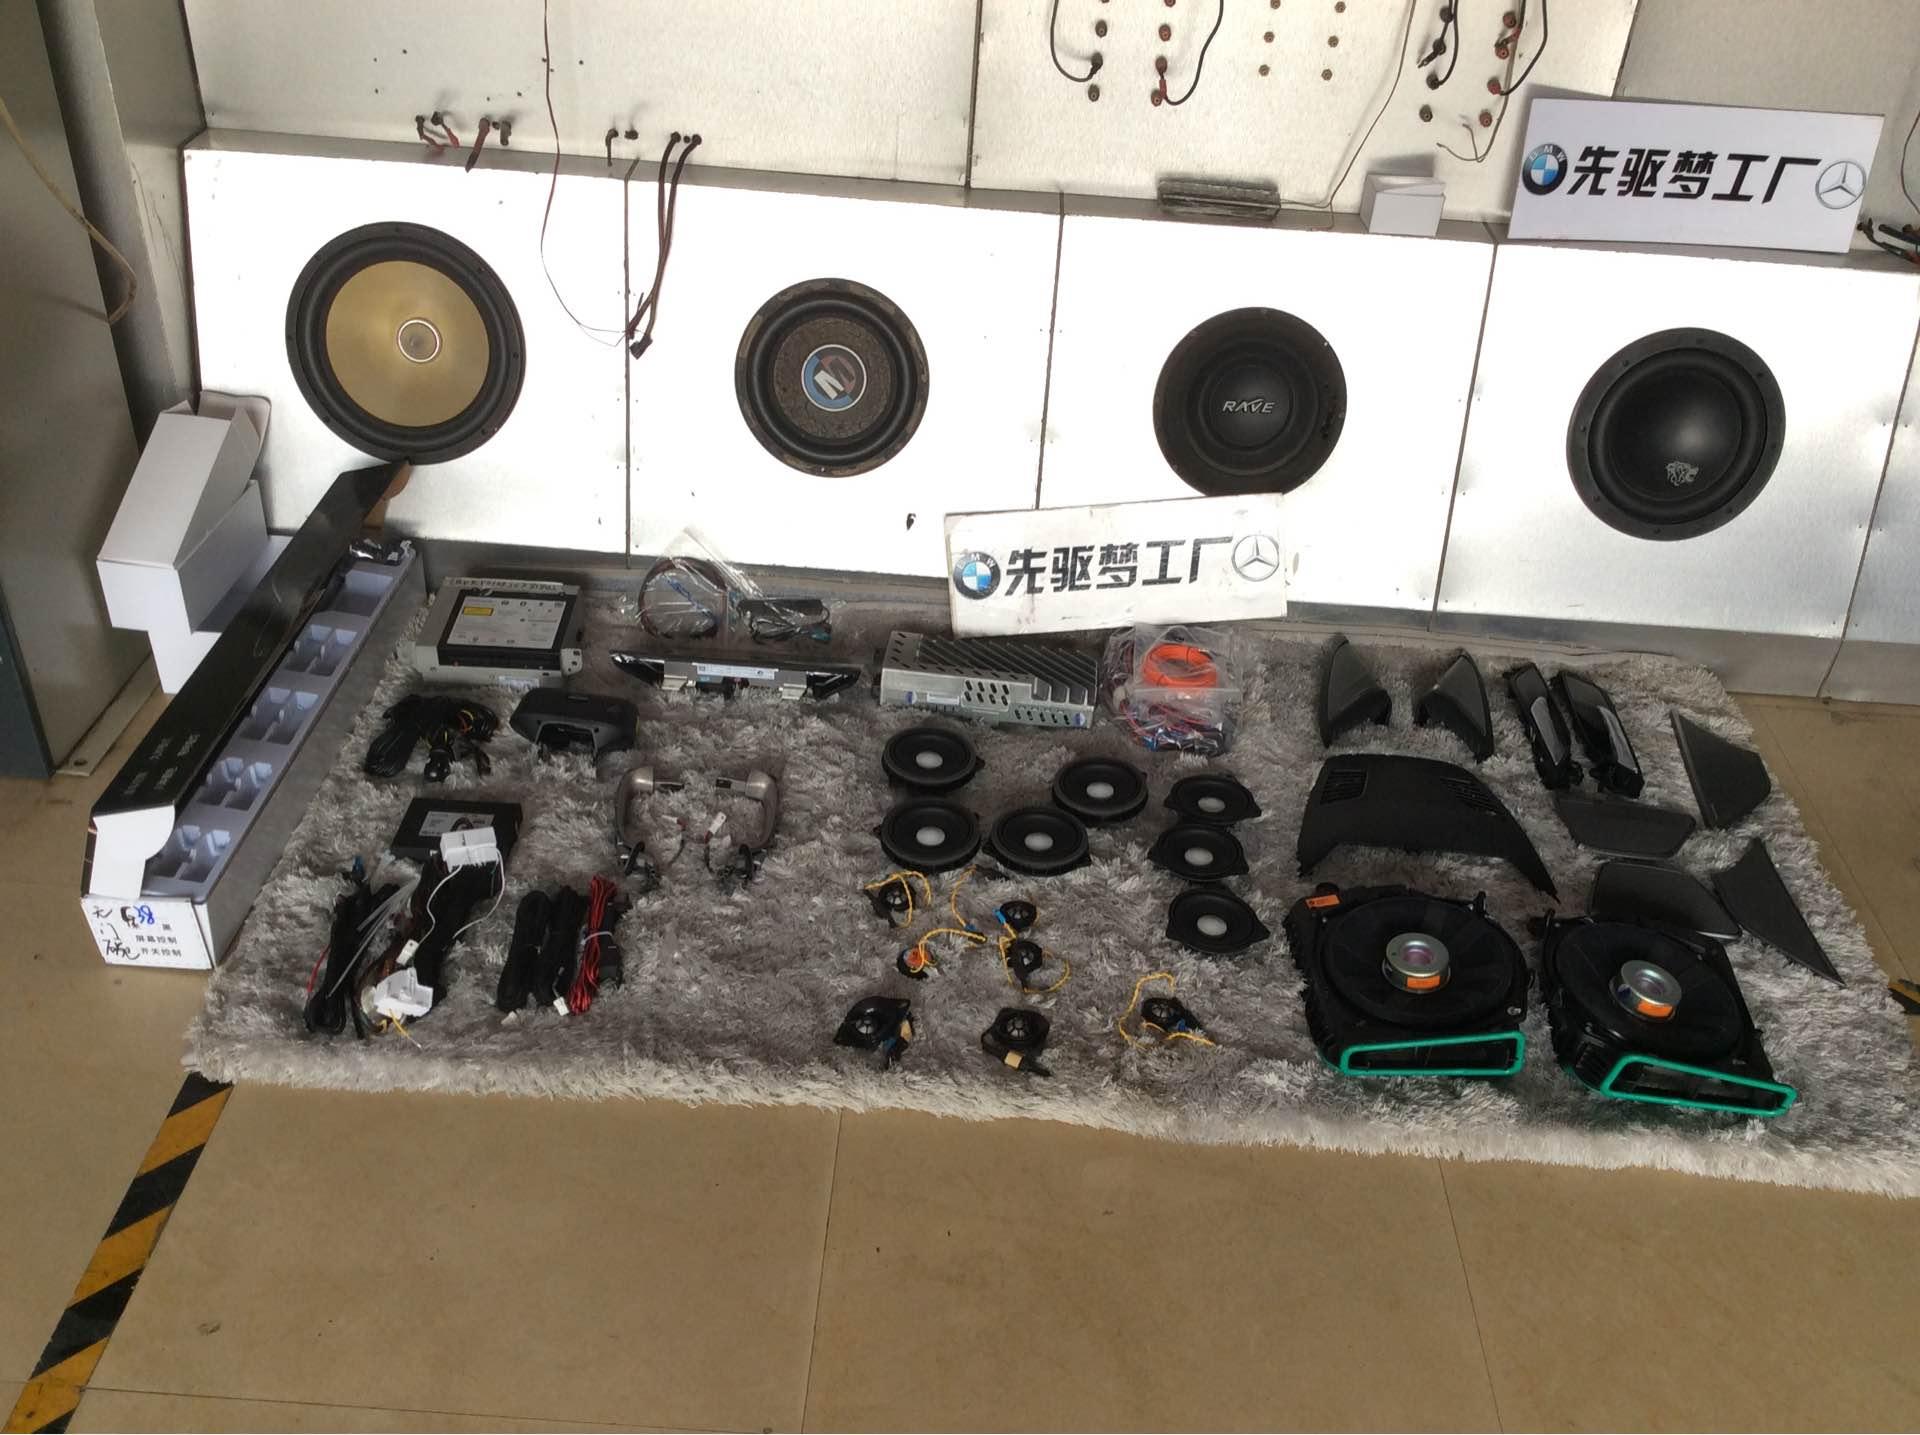 宝马新5哈曼16件套、舒适进入、11色氛围灯、大屏主机